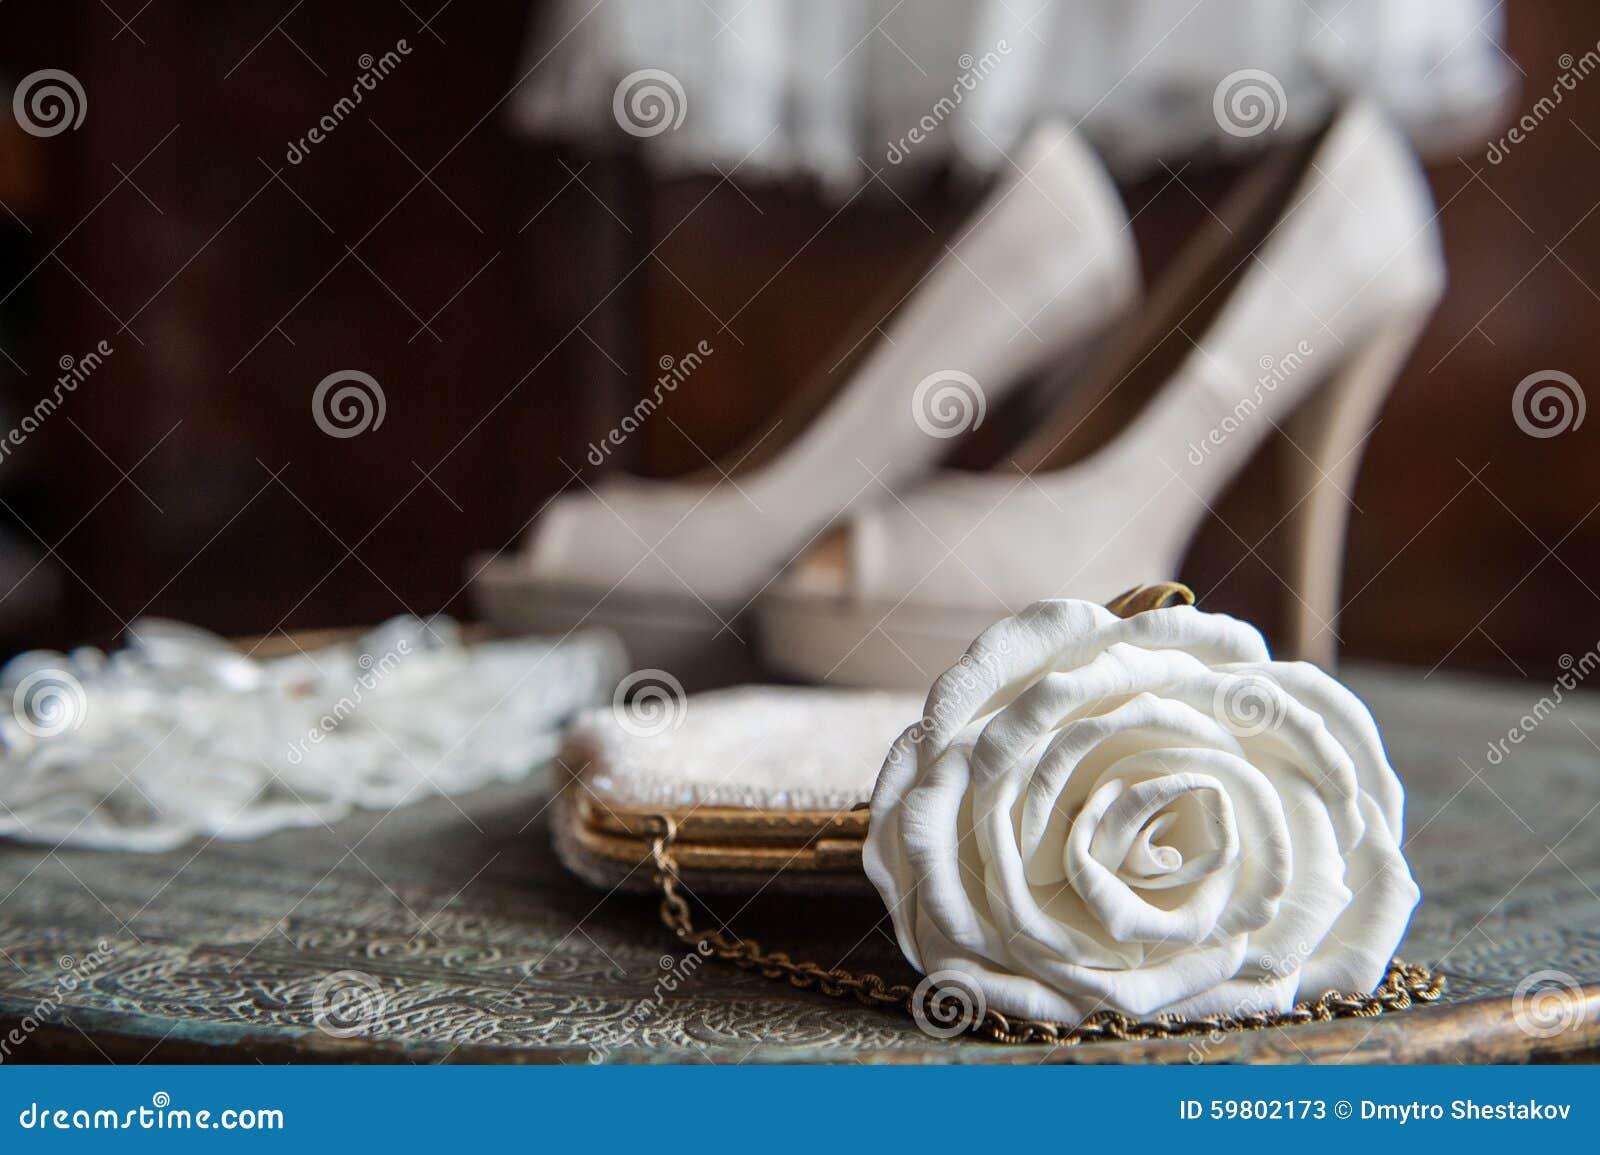 El embrague de las mujeres con la rosa, los zapatos y la liga del blanco en la bandeja de cobre amarillo con un ornamento